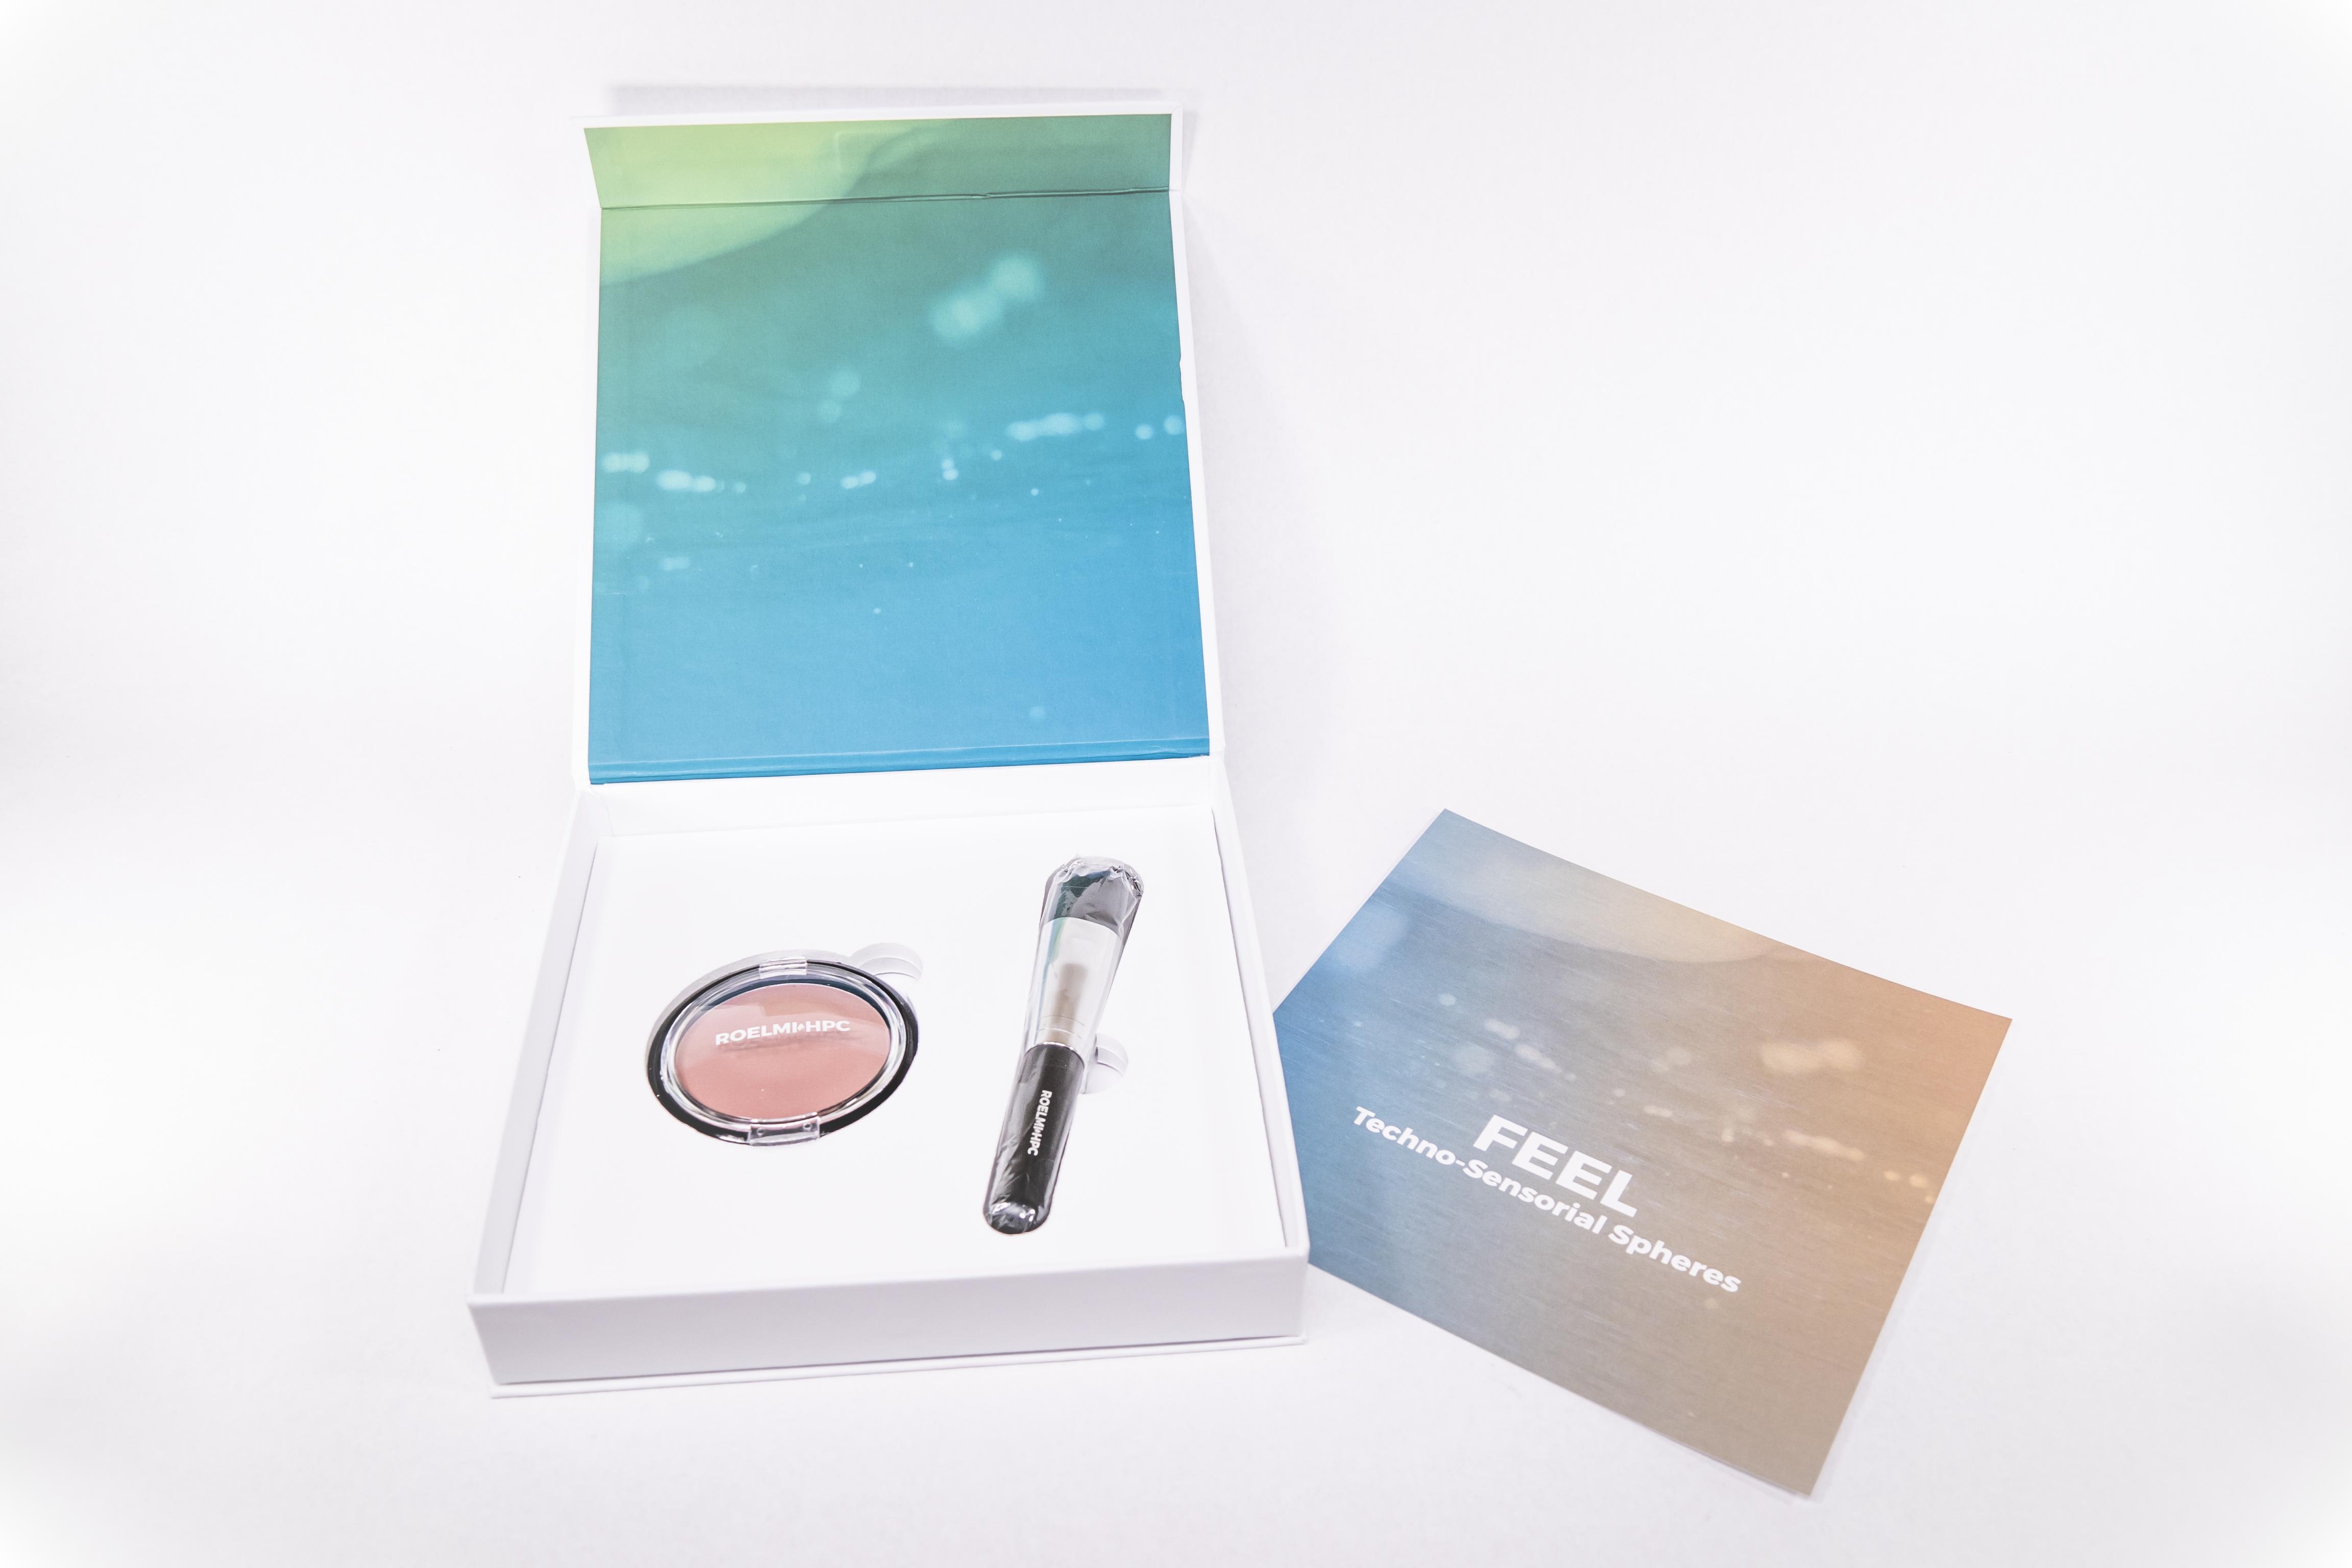 d942f92b56 Disponibile per il mercato una linea di prodotti cosmetici ...